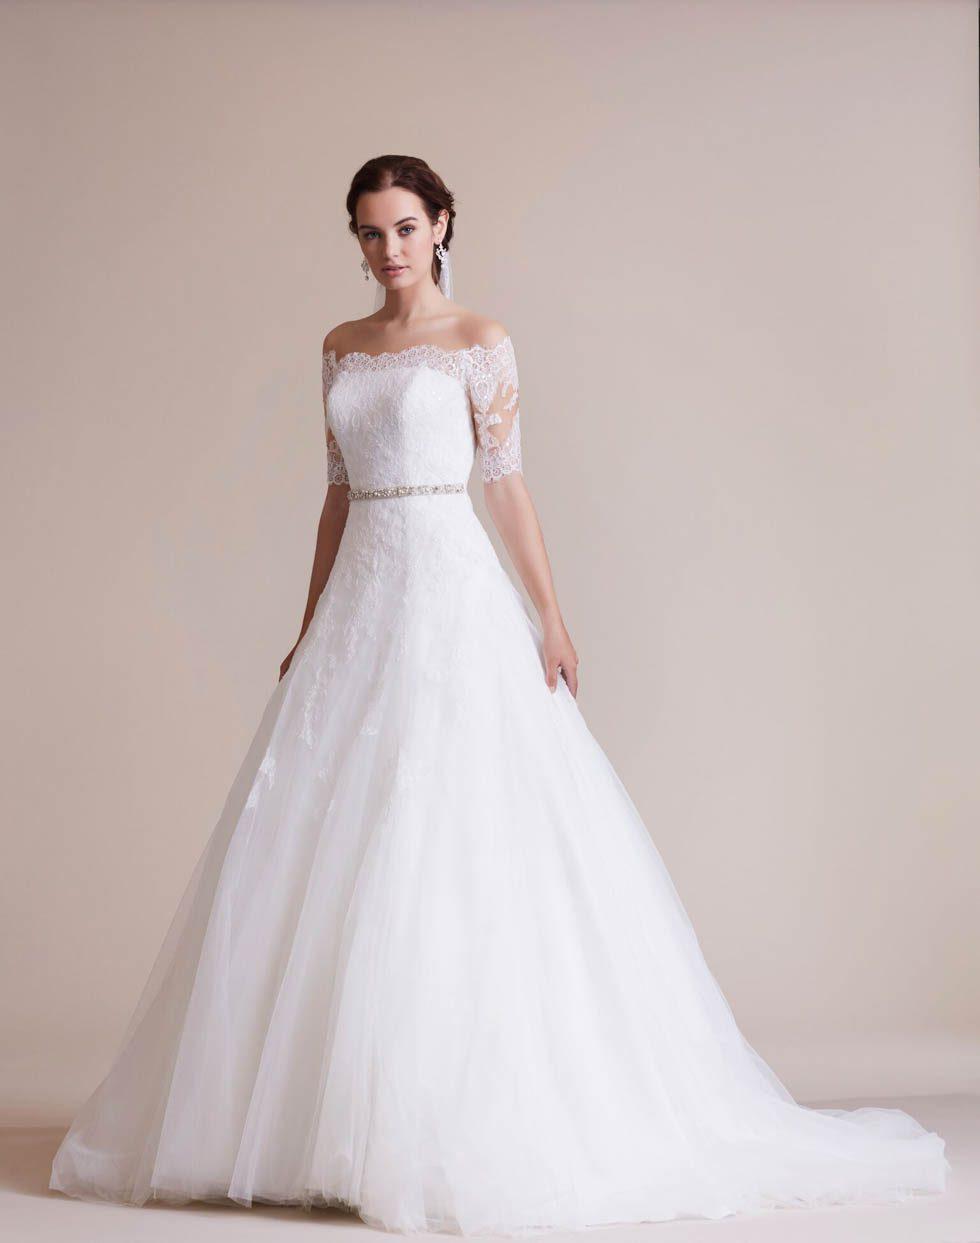 Couture by Bea – Hochzeit planen mit weddingstyle